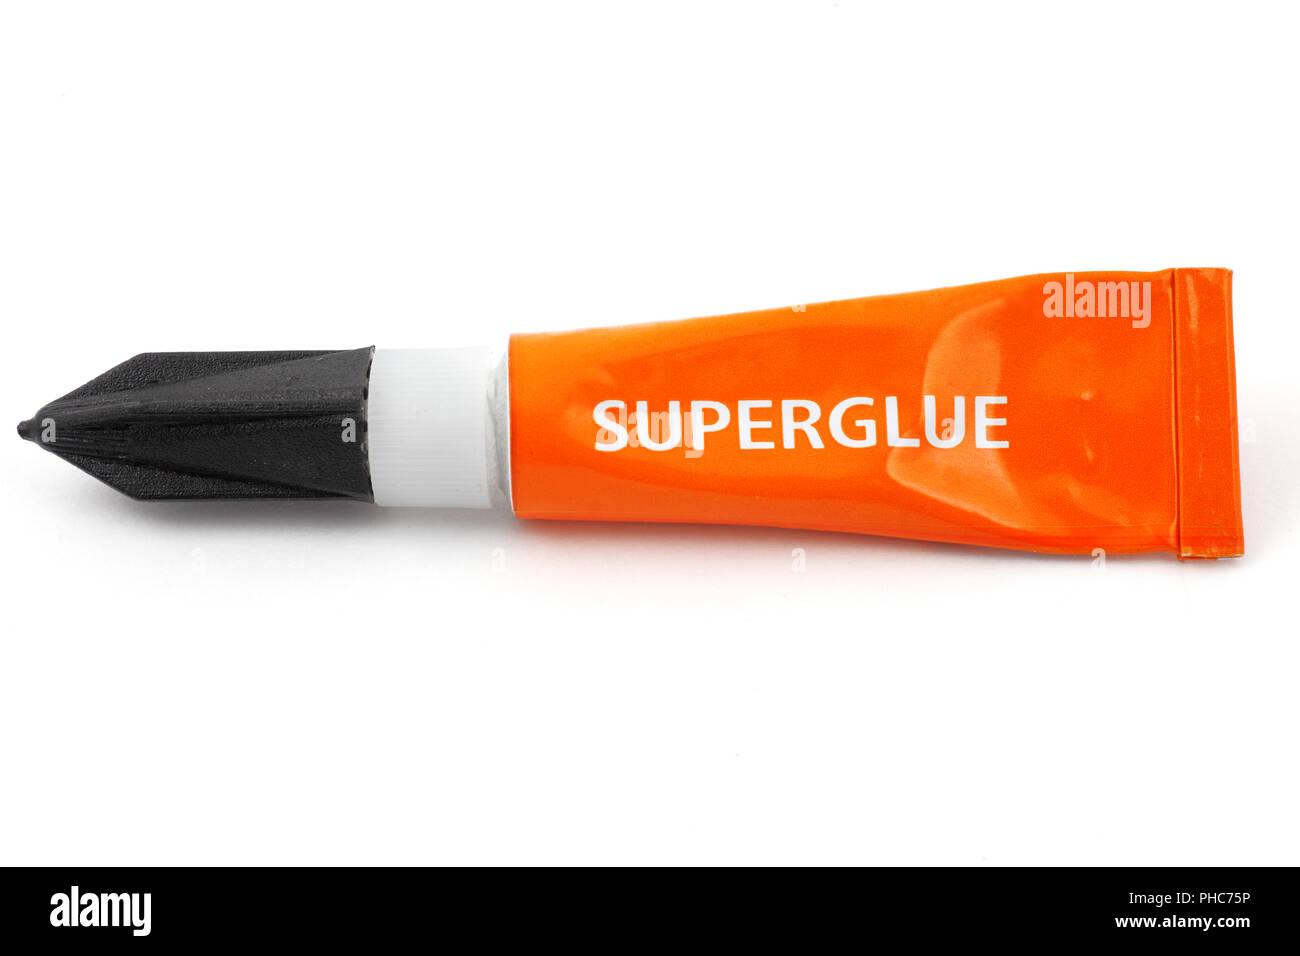 orange plastic tube labeled superglue - Stock Image